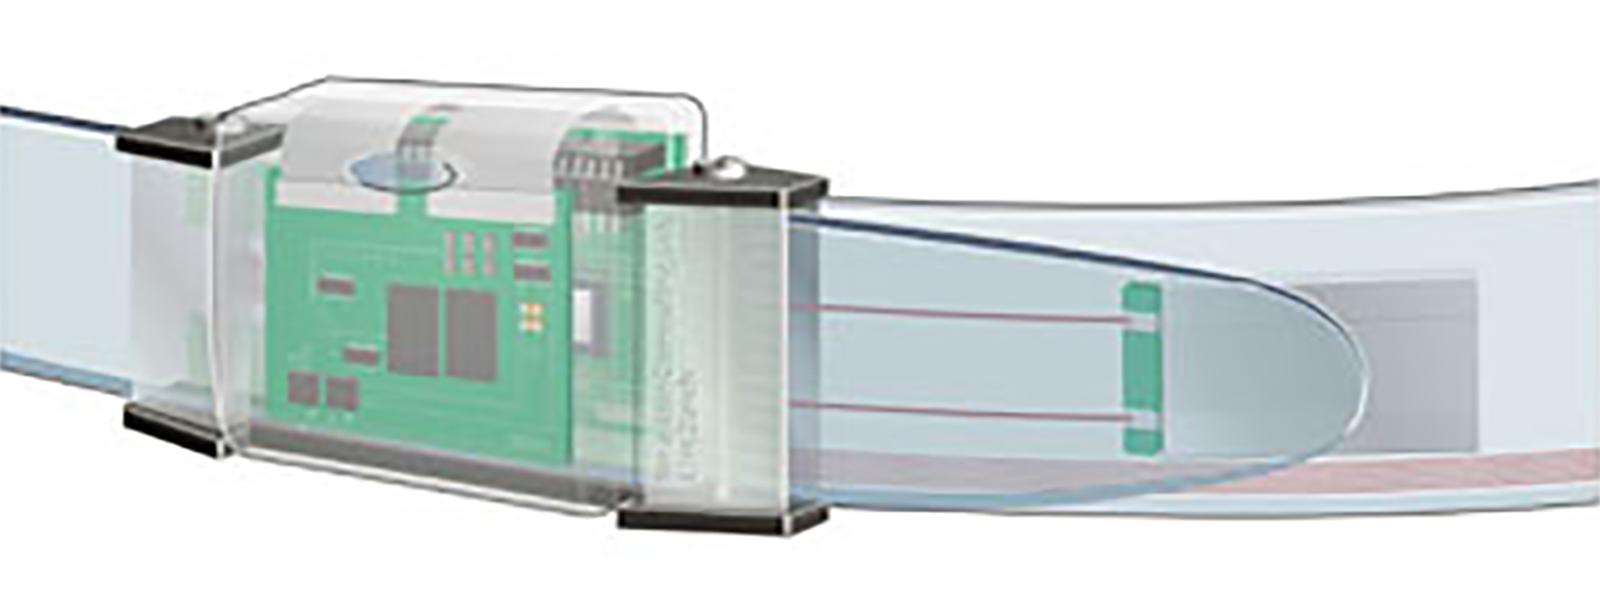 QBIC - Transparent